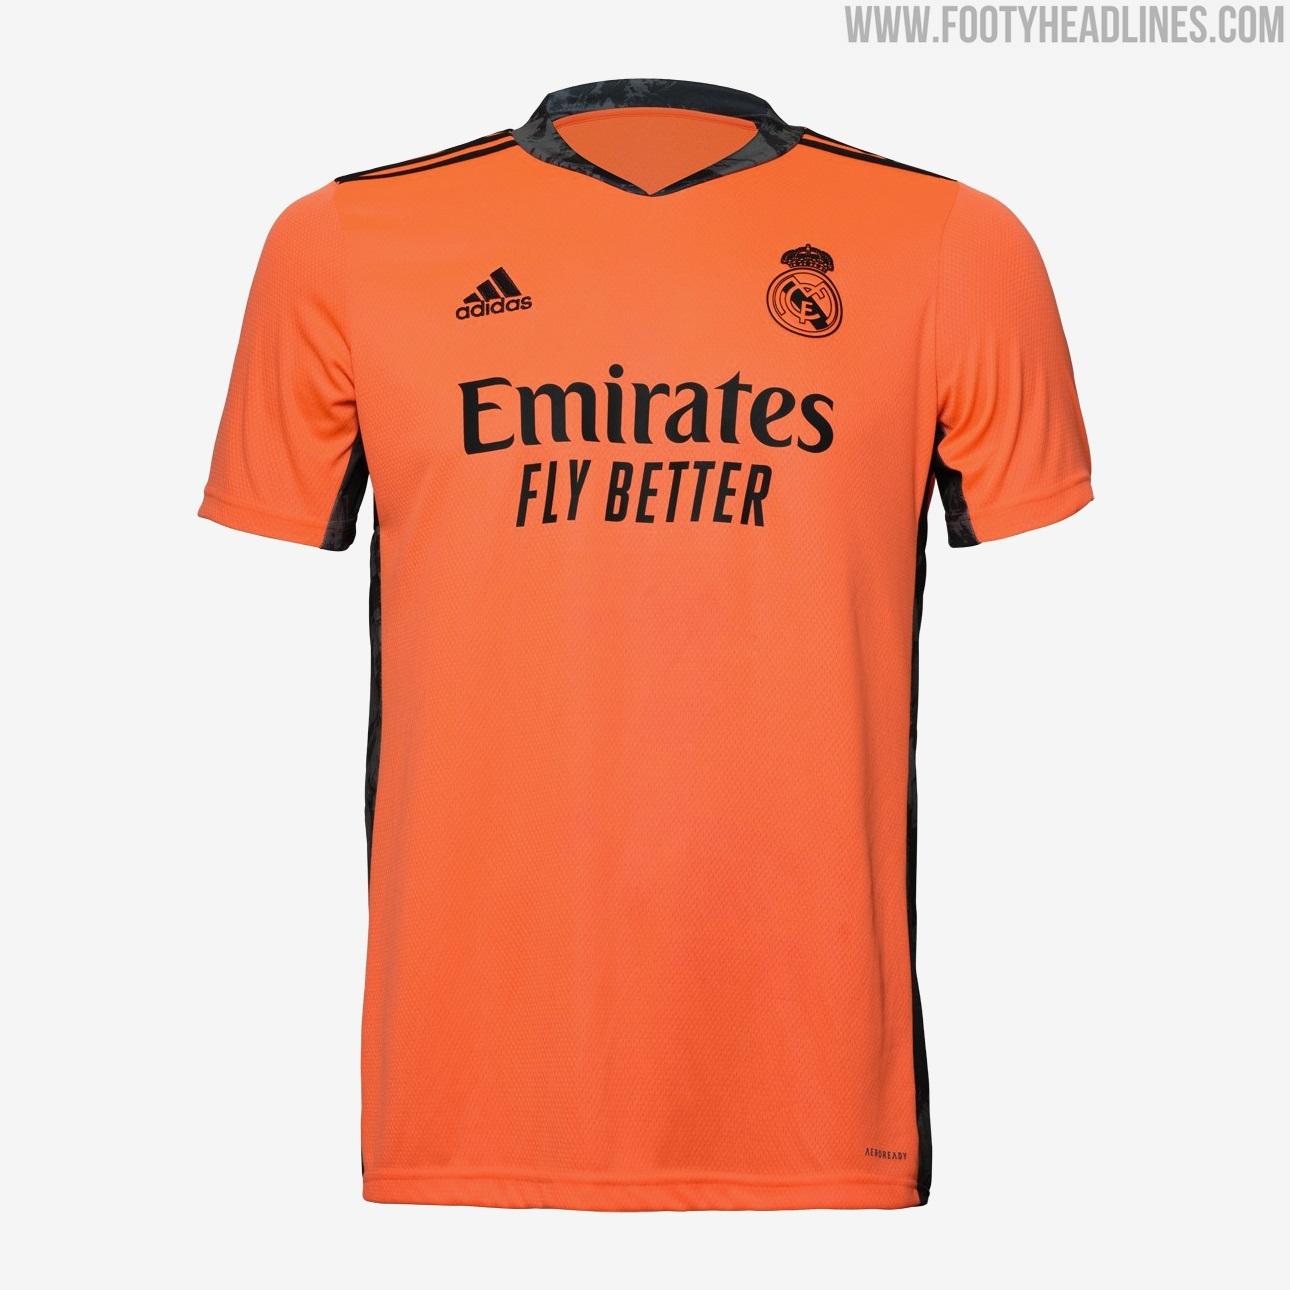 Real Madrid 20-21 Goalkeeper Kits Released - Footy Headlines